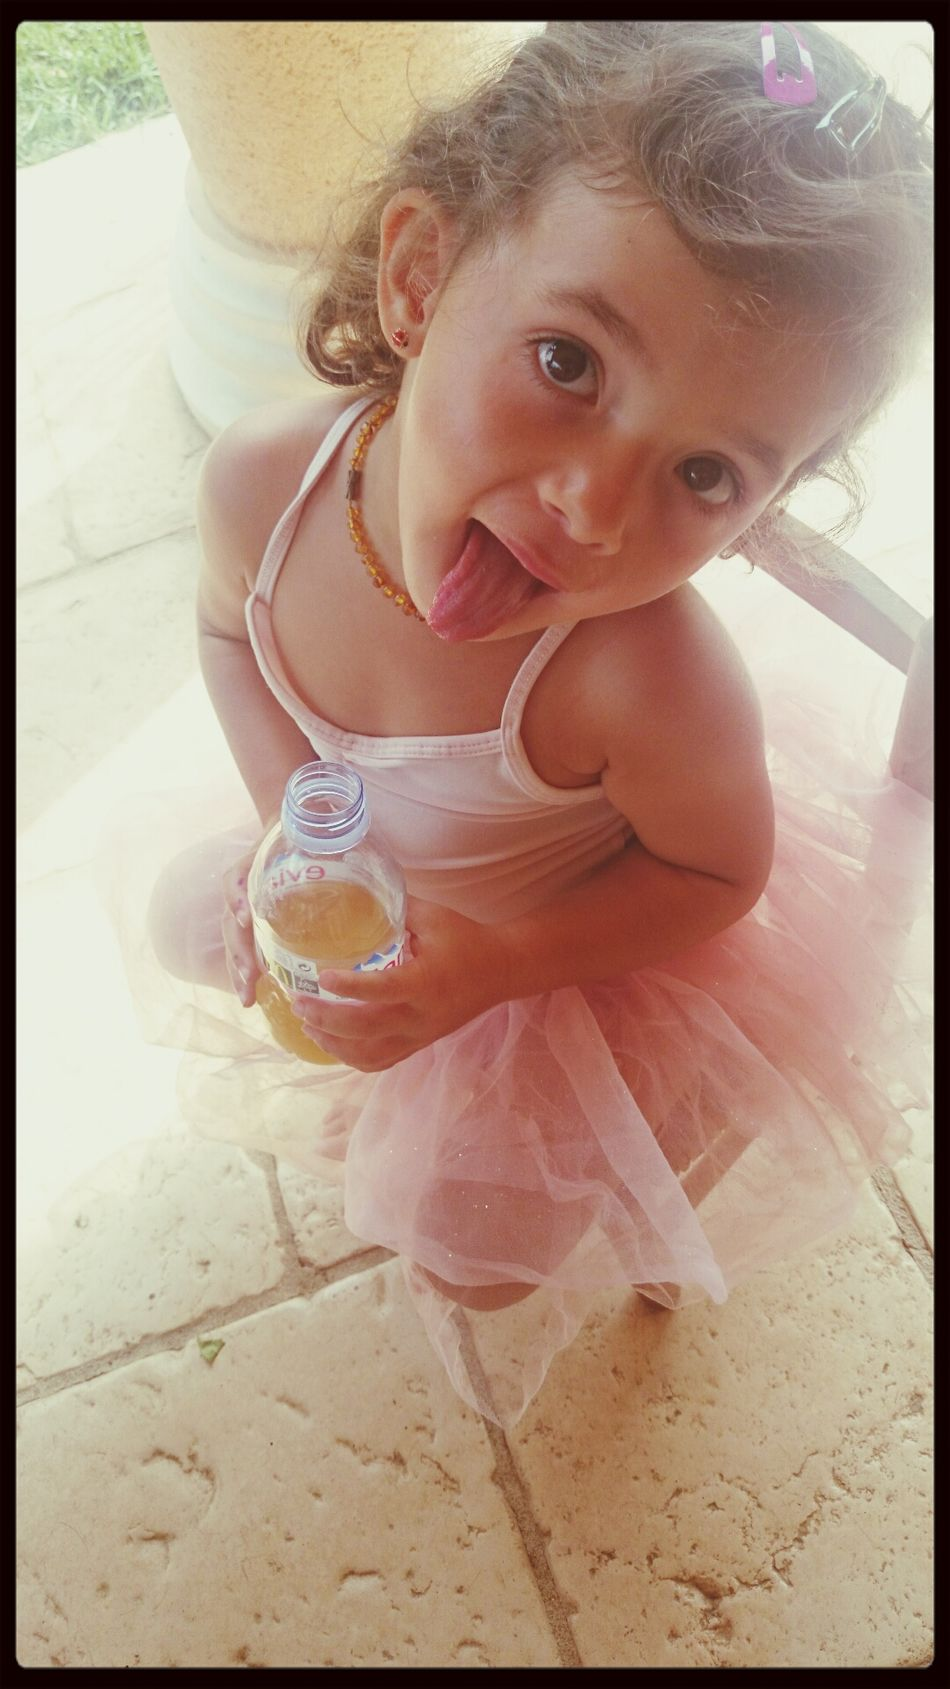 Bébé coeur ❤ Family ♥ My Niece ❤